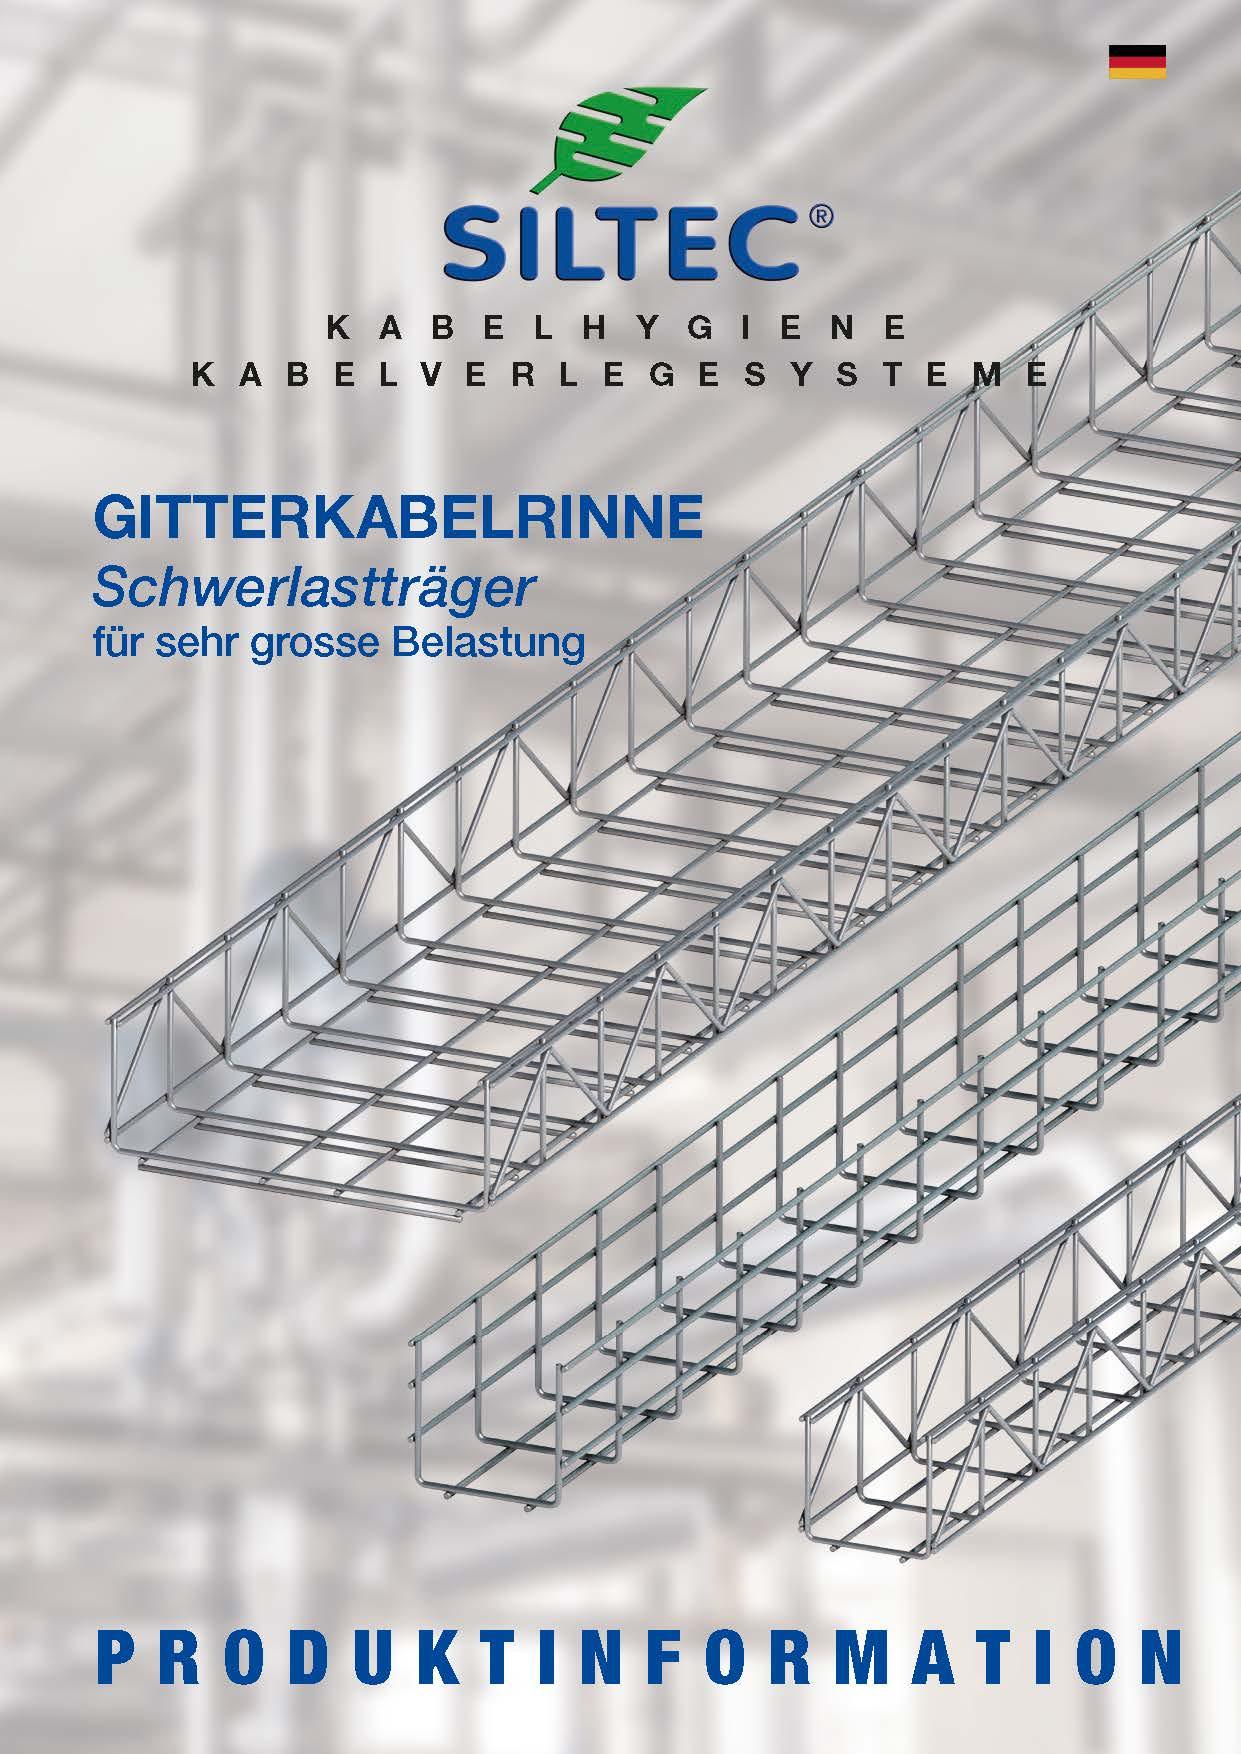 GITTERKABELRINNEN-SCHWERLASTTRÄGER-DE_Seite_01